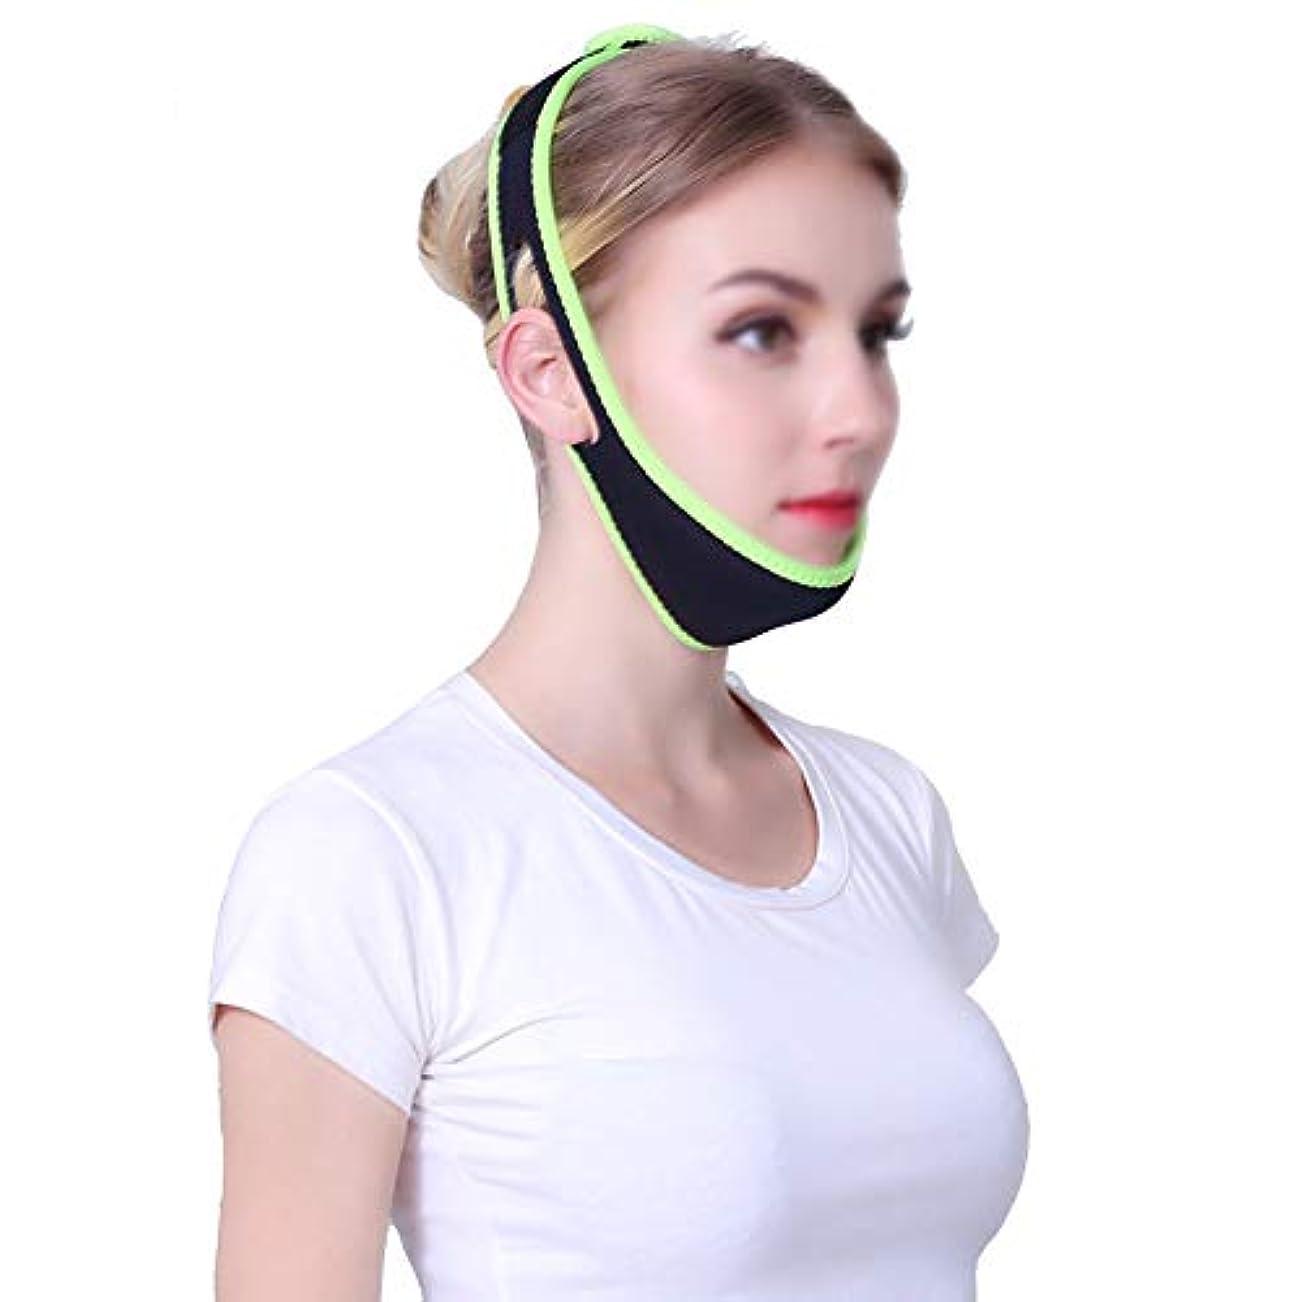 処理ヘビ貫通GLJJQMY 引き締めフェイスマスク小型Vフェイスアーティファクト睡眠薄いフェイス包帯マスクリフティングマスク引き締めクリームフェイスリフティングフェイス楽器 顔用整形マスク